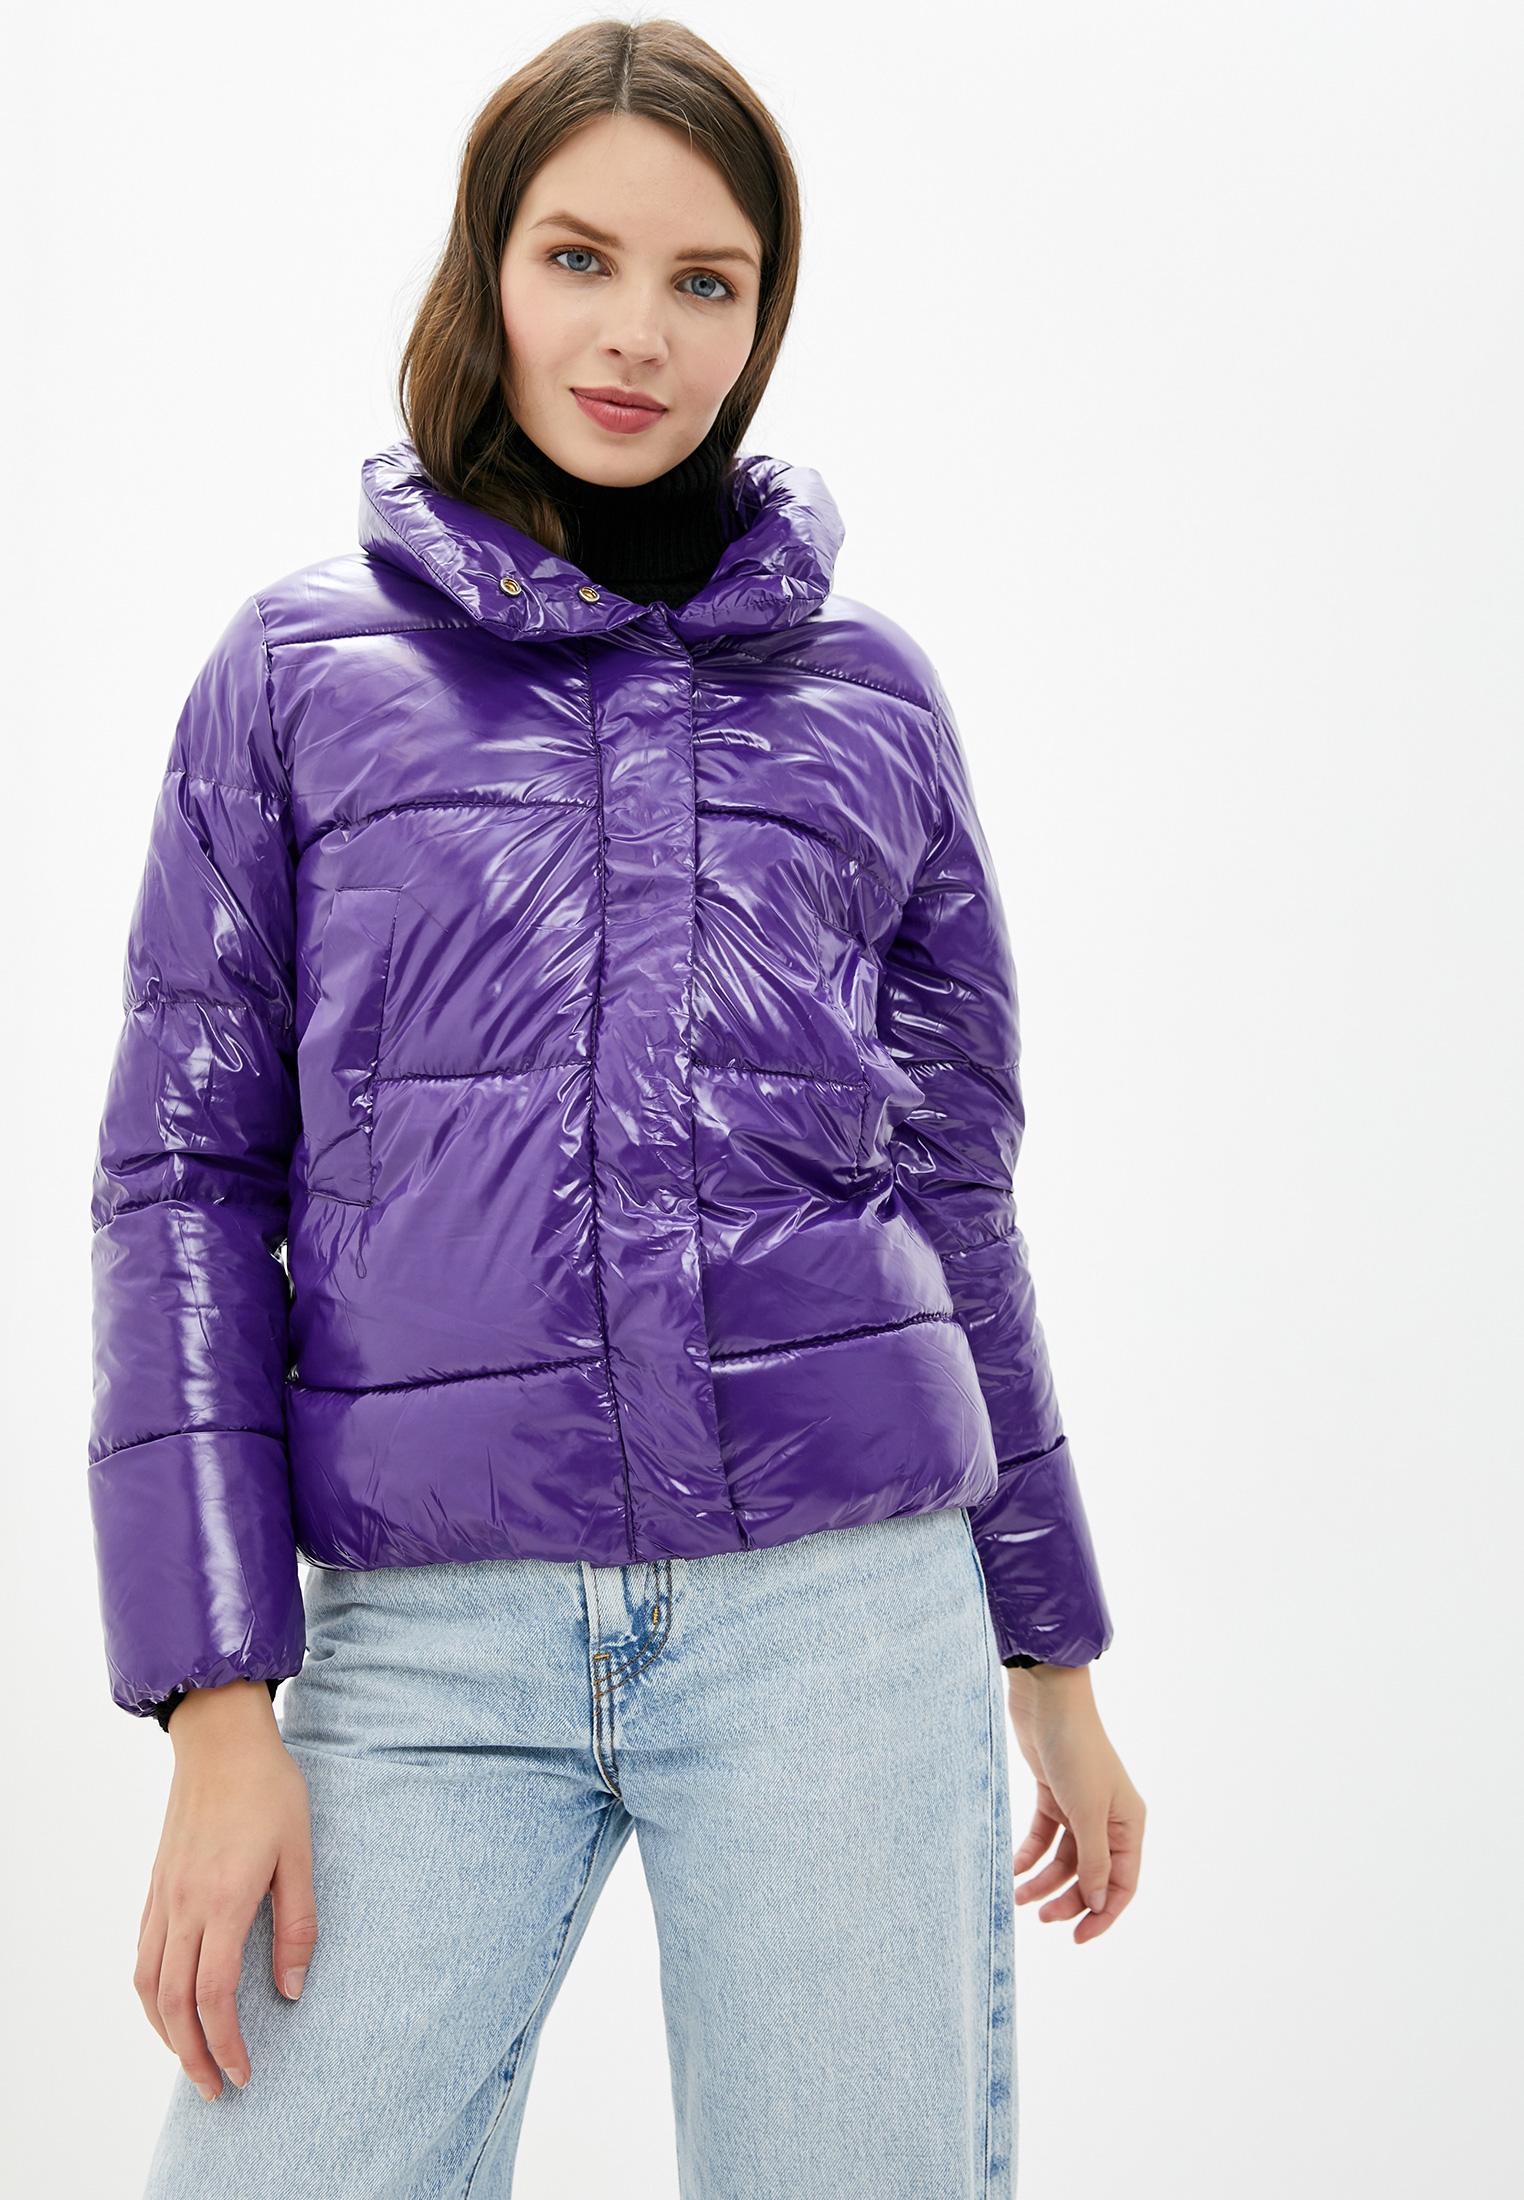 Куртка утепленная, Fresh Cotton, цвет: фиолетовый. Артикул: FR043EWHDVY1. Одежда / Верхняя одежда